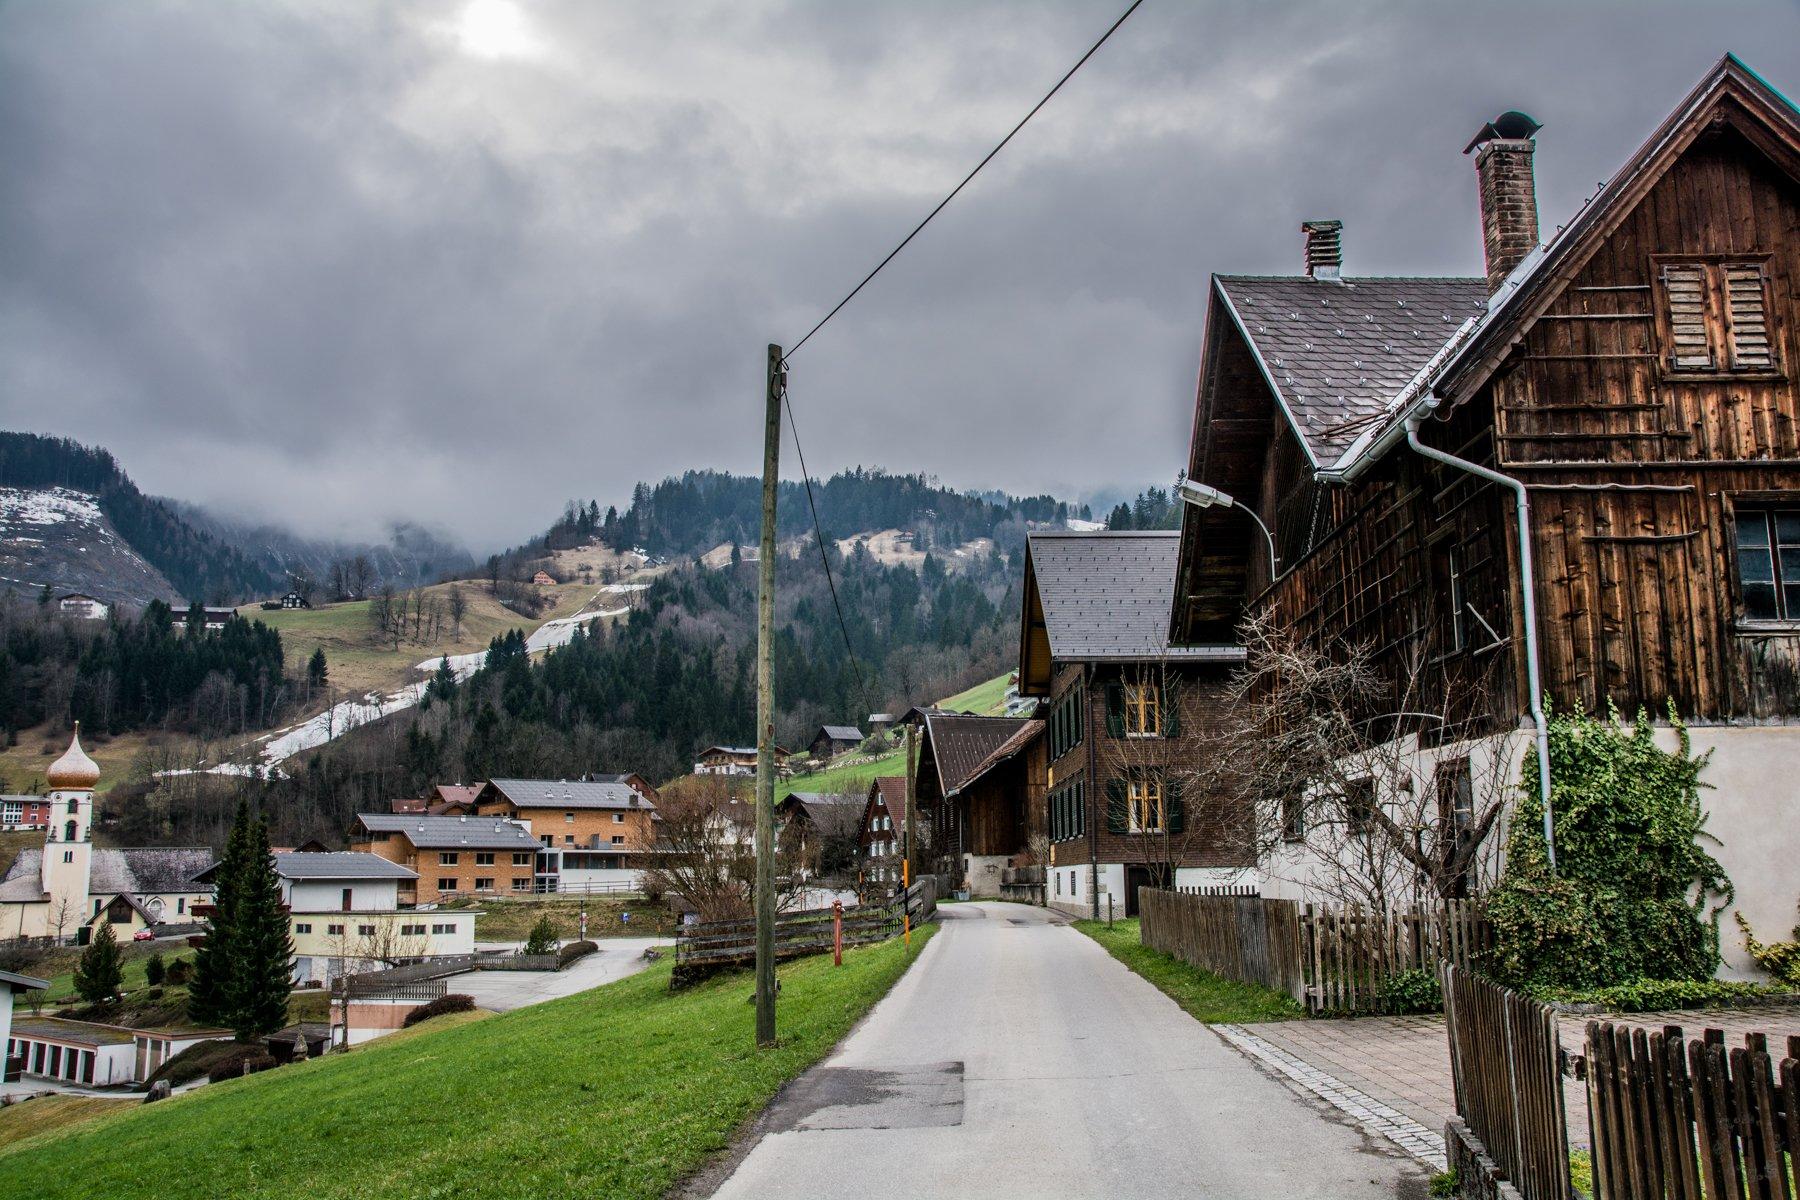 Land Chalet Matin in Bürserberg - das Holzhaus hinten in der Mitte